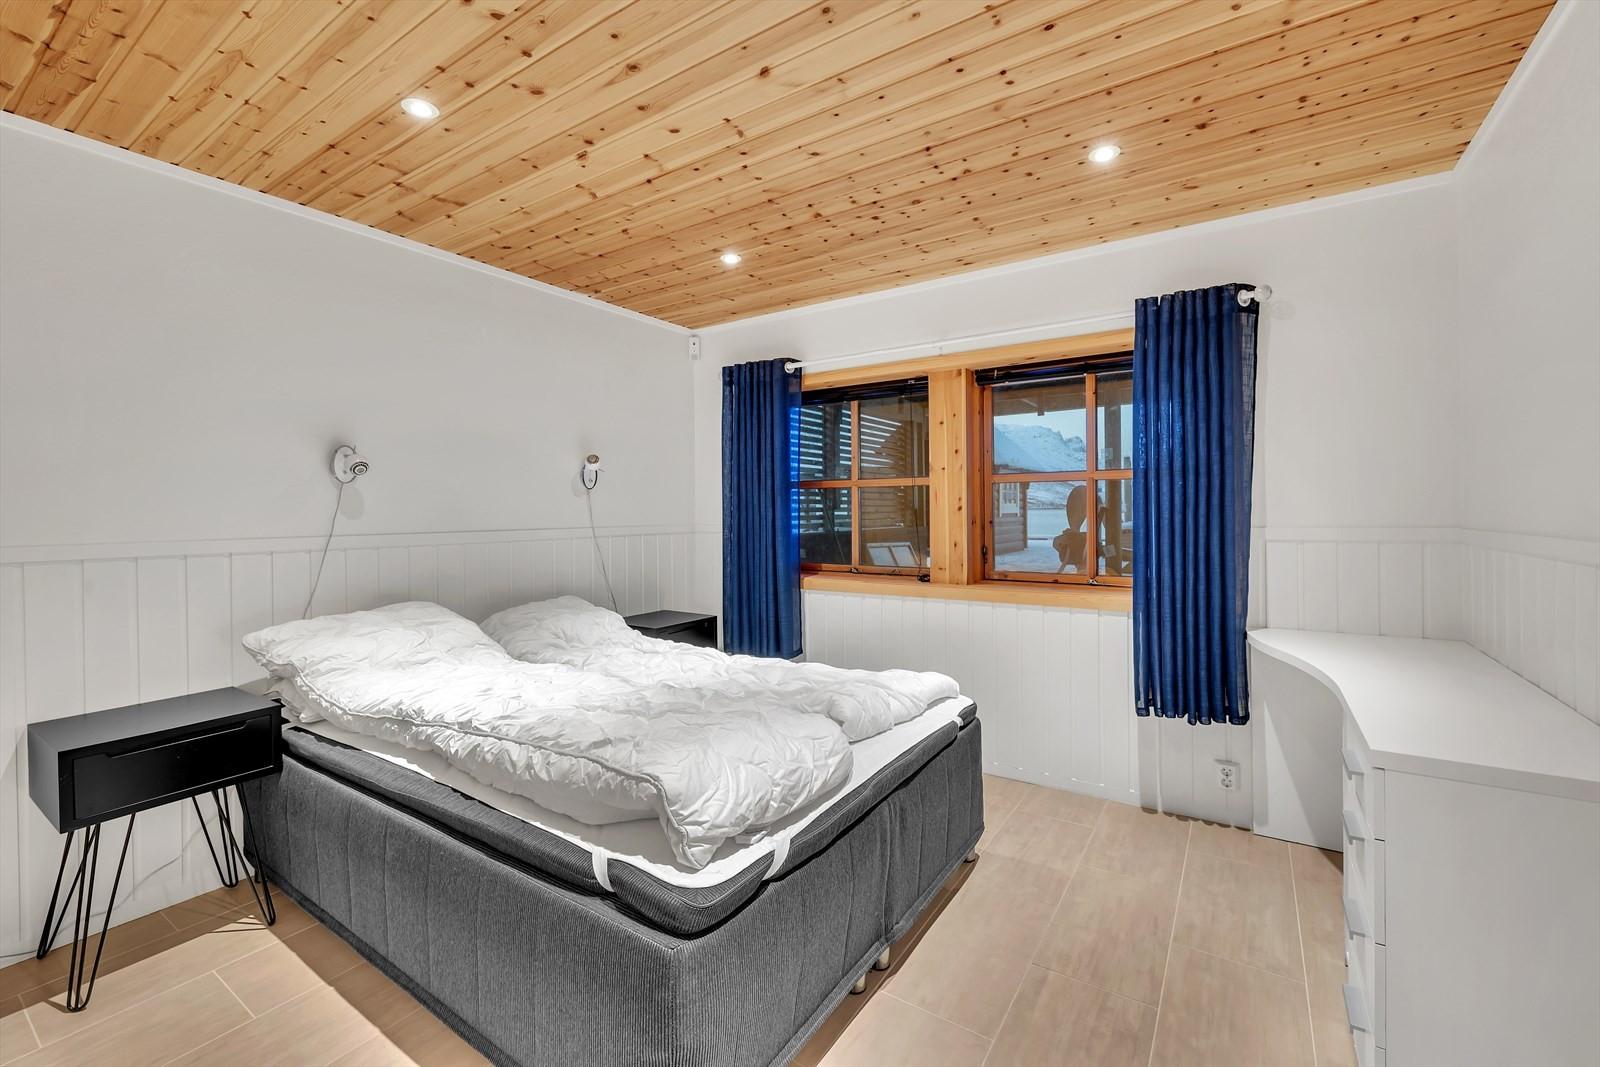 Master bedroom soverom 2.